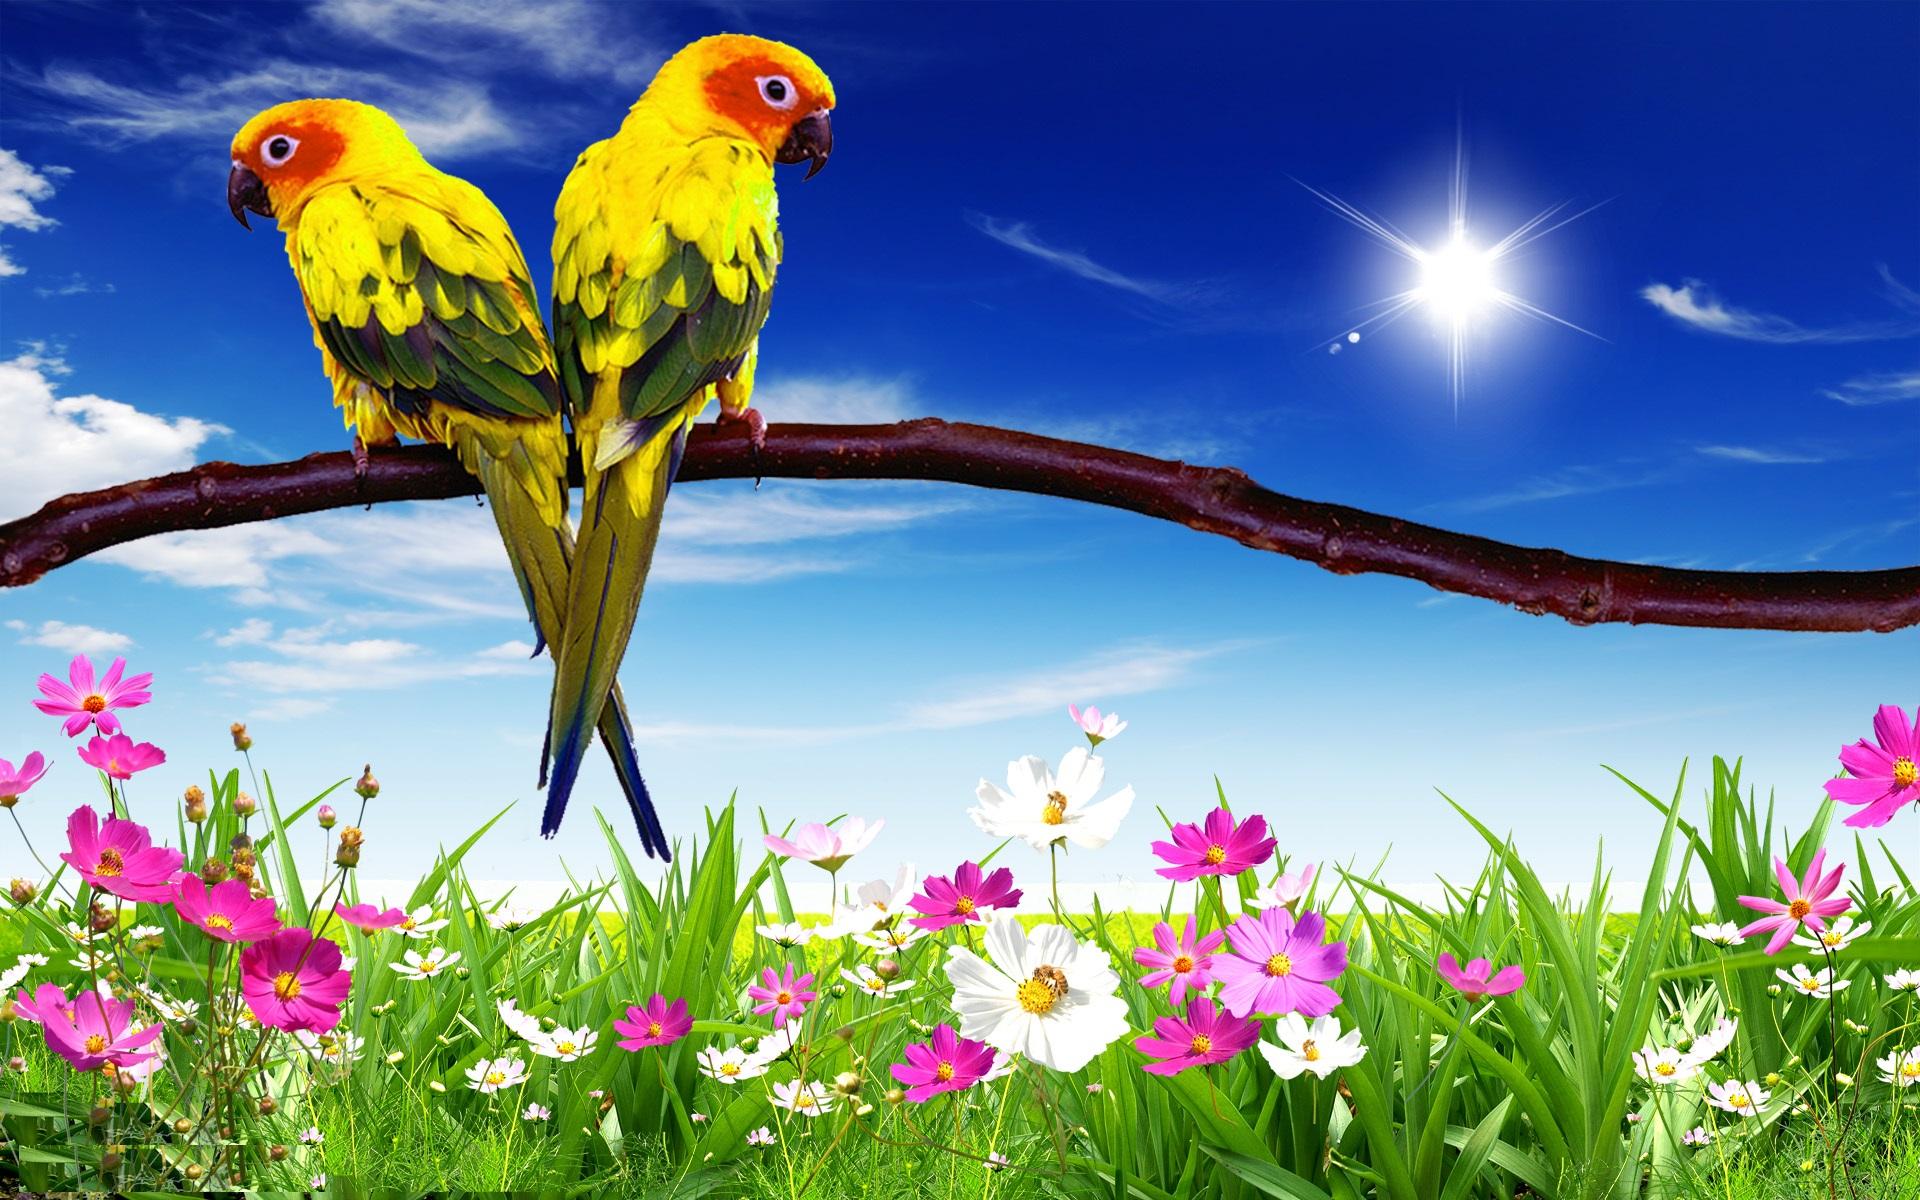 природа животные птицы попугаи  № 103598 бесплатно